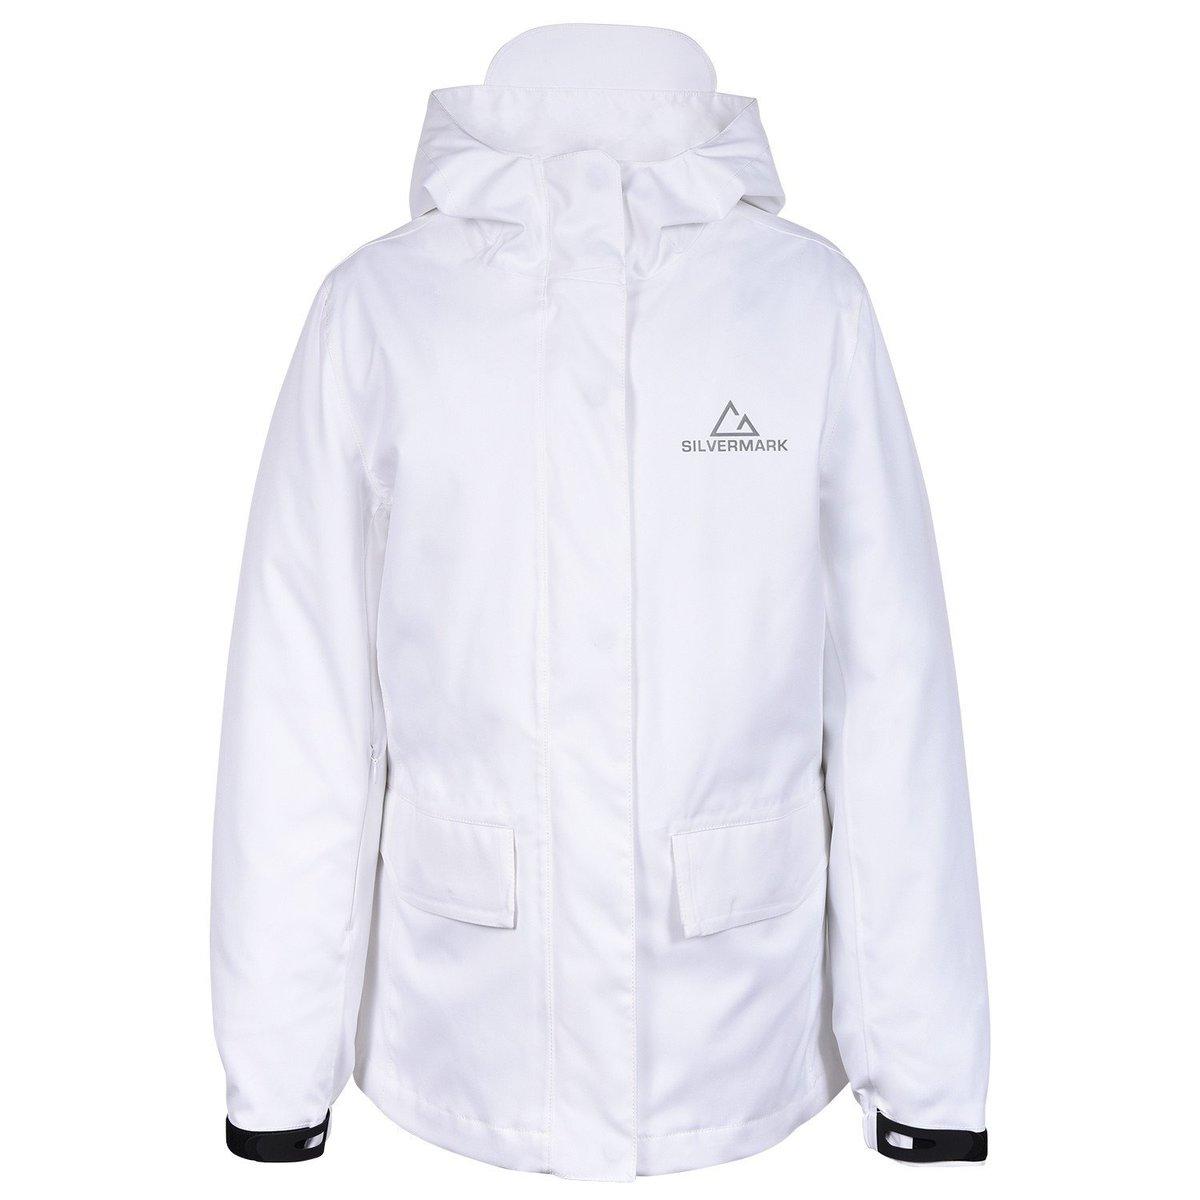 Silvermark 女裝三合一外套